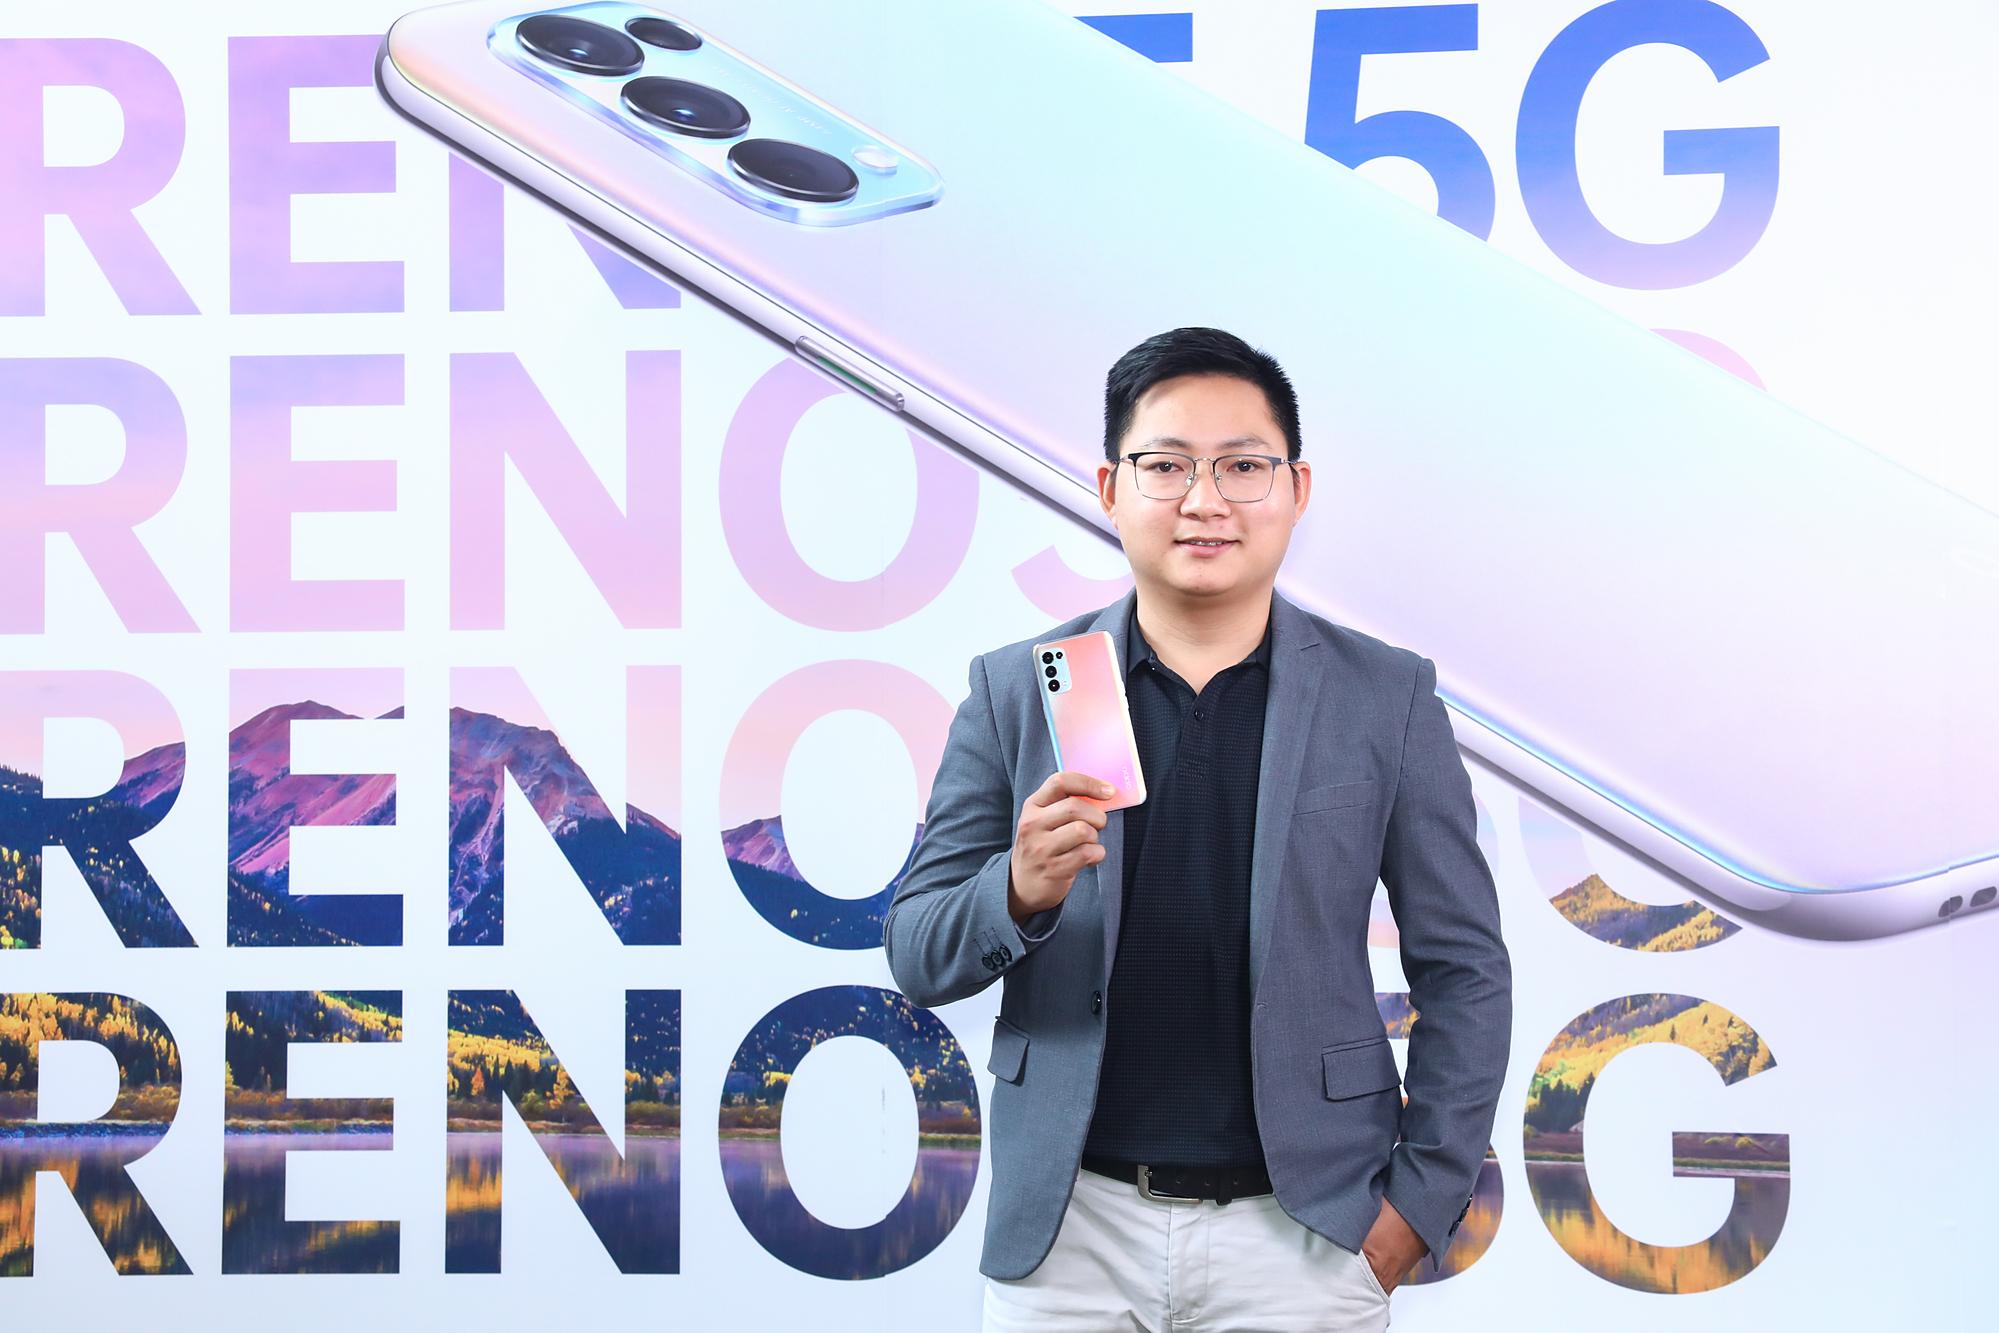 Ông Bá Văn Luýt -  Giám đốc sản phẩm Oppo Việt Nam chia sẻ về Oppo Reno5 5G tại buổi ra mắt.